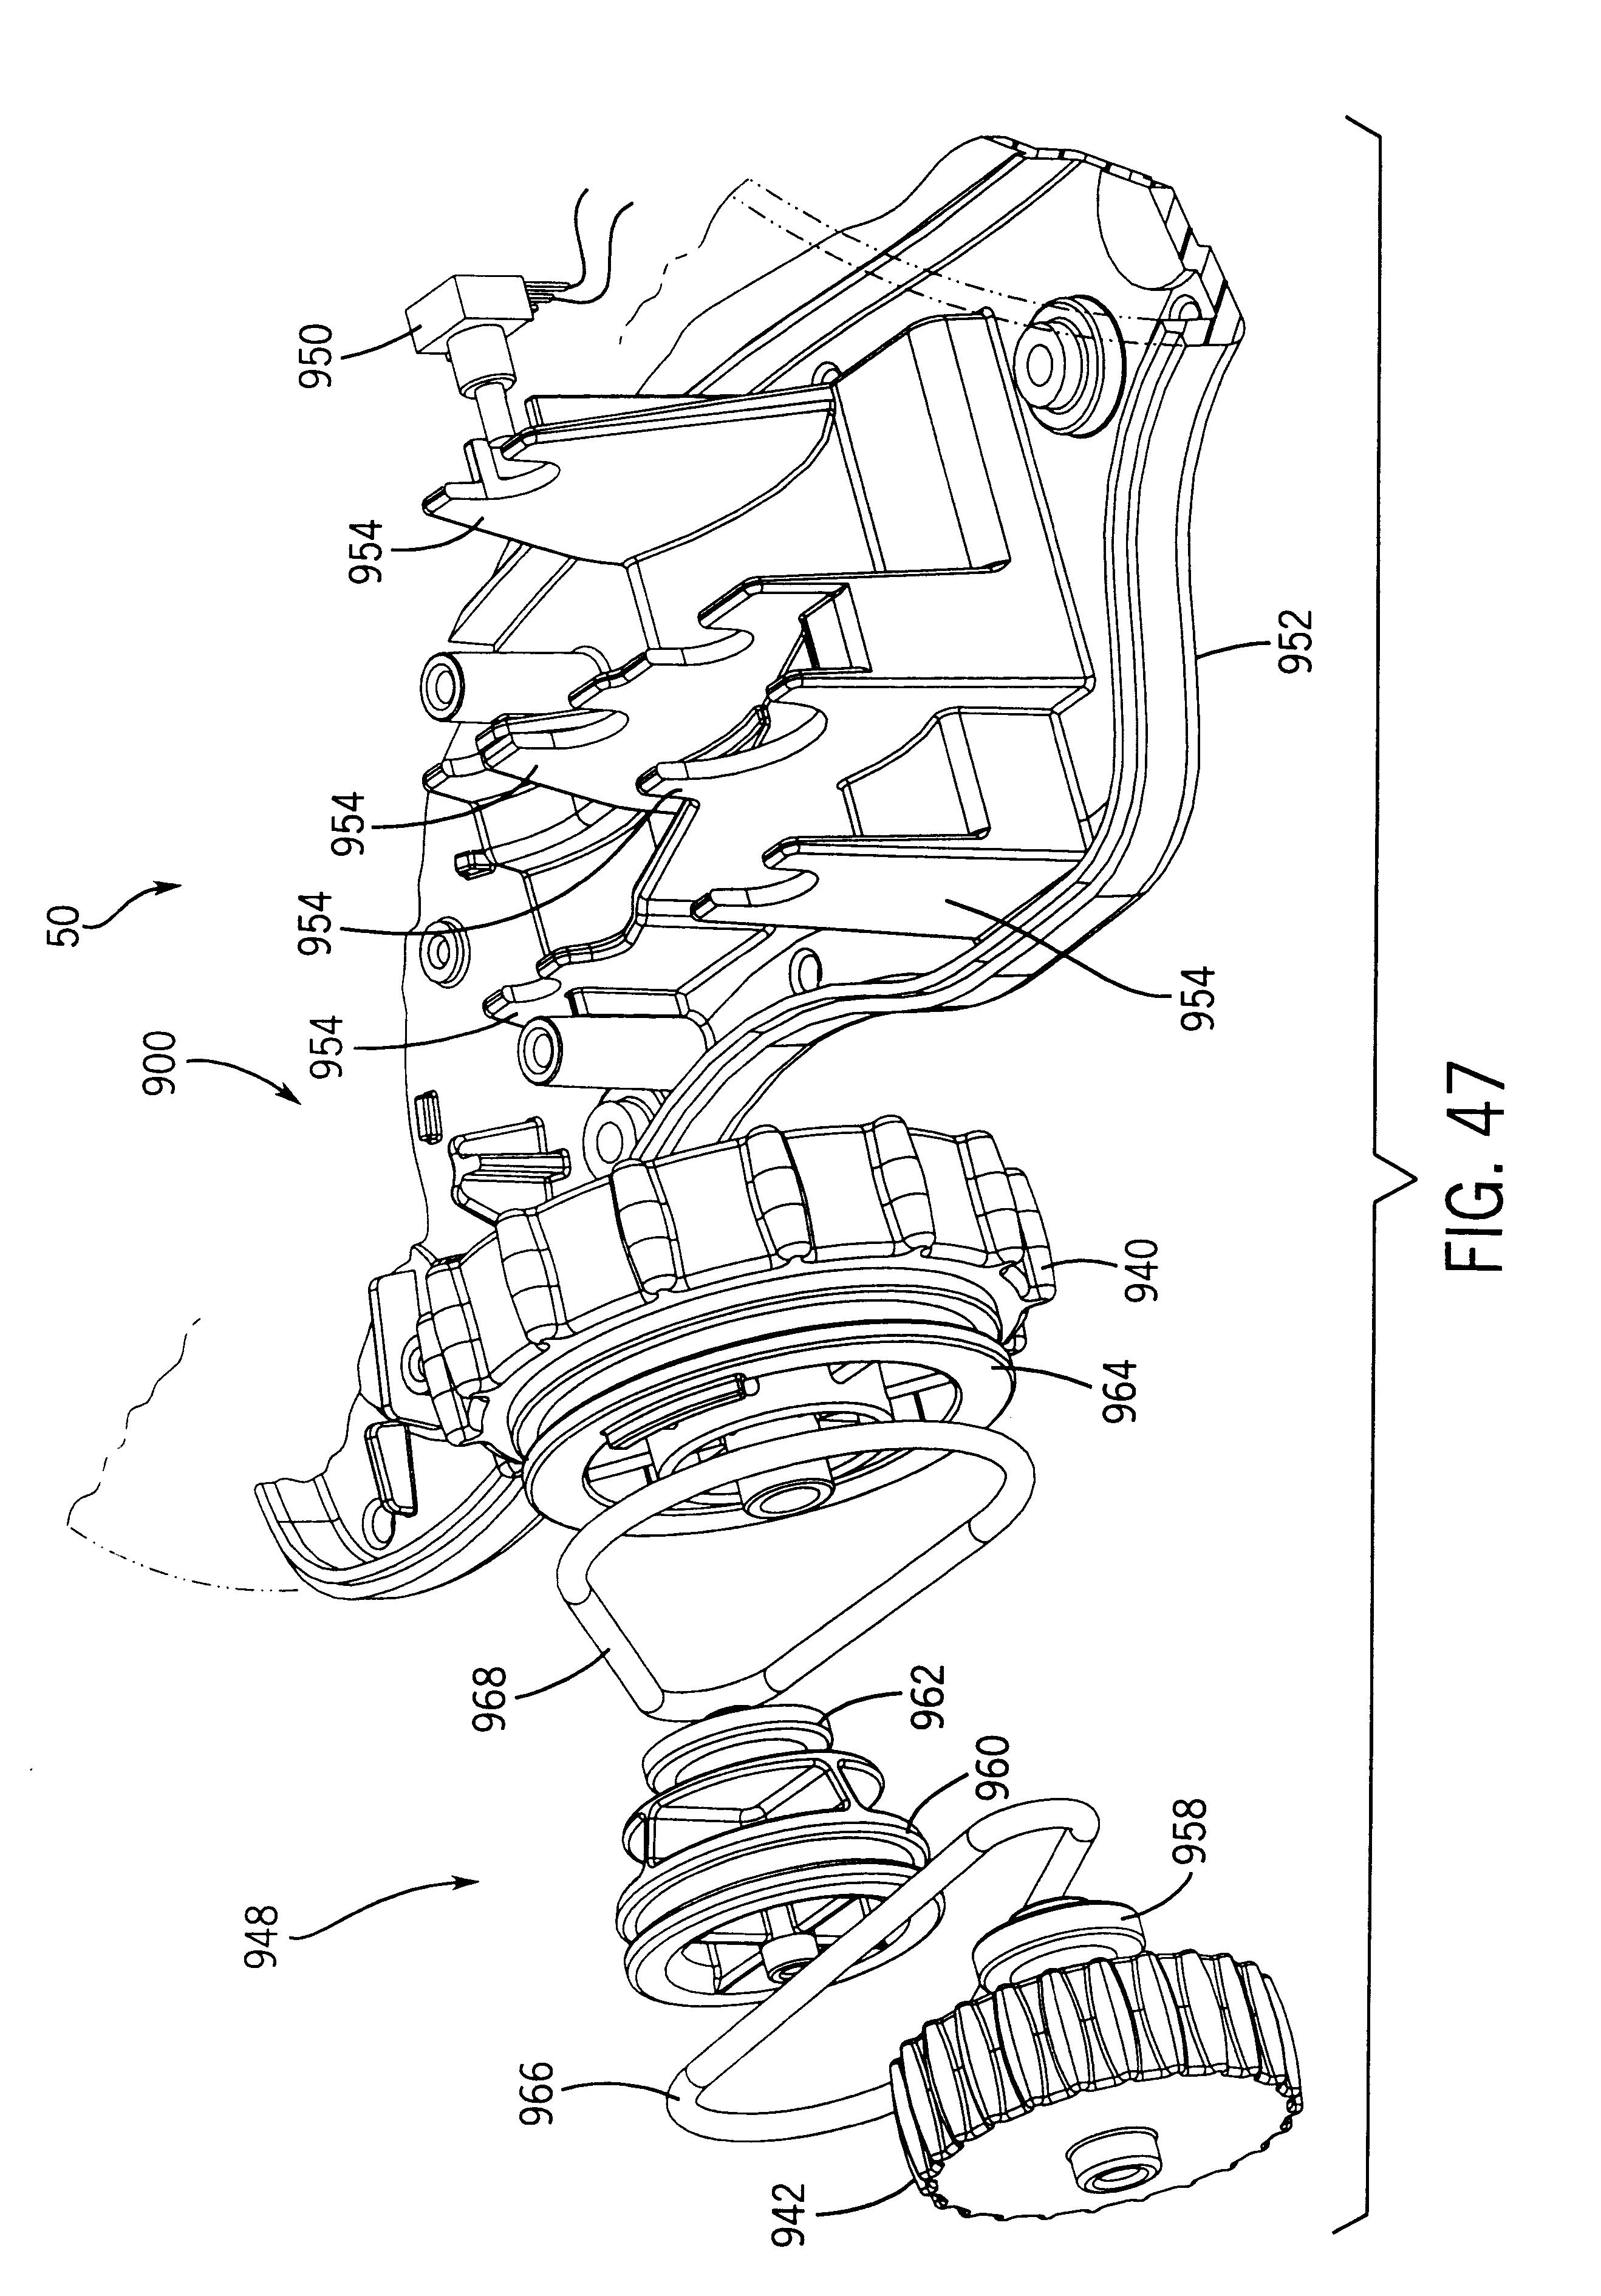 Diagram Together With 12 24 Volt Trolling Motor Wiring Besides 12 Volt